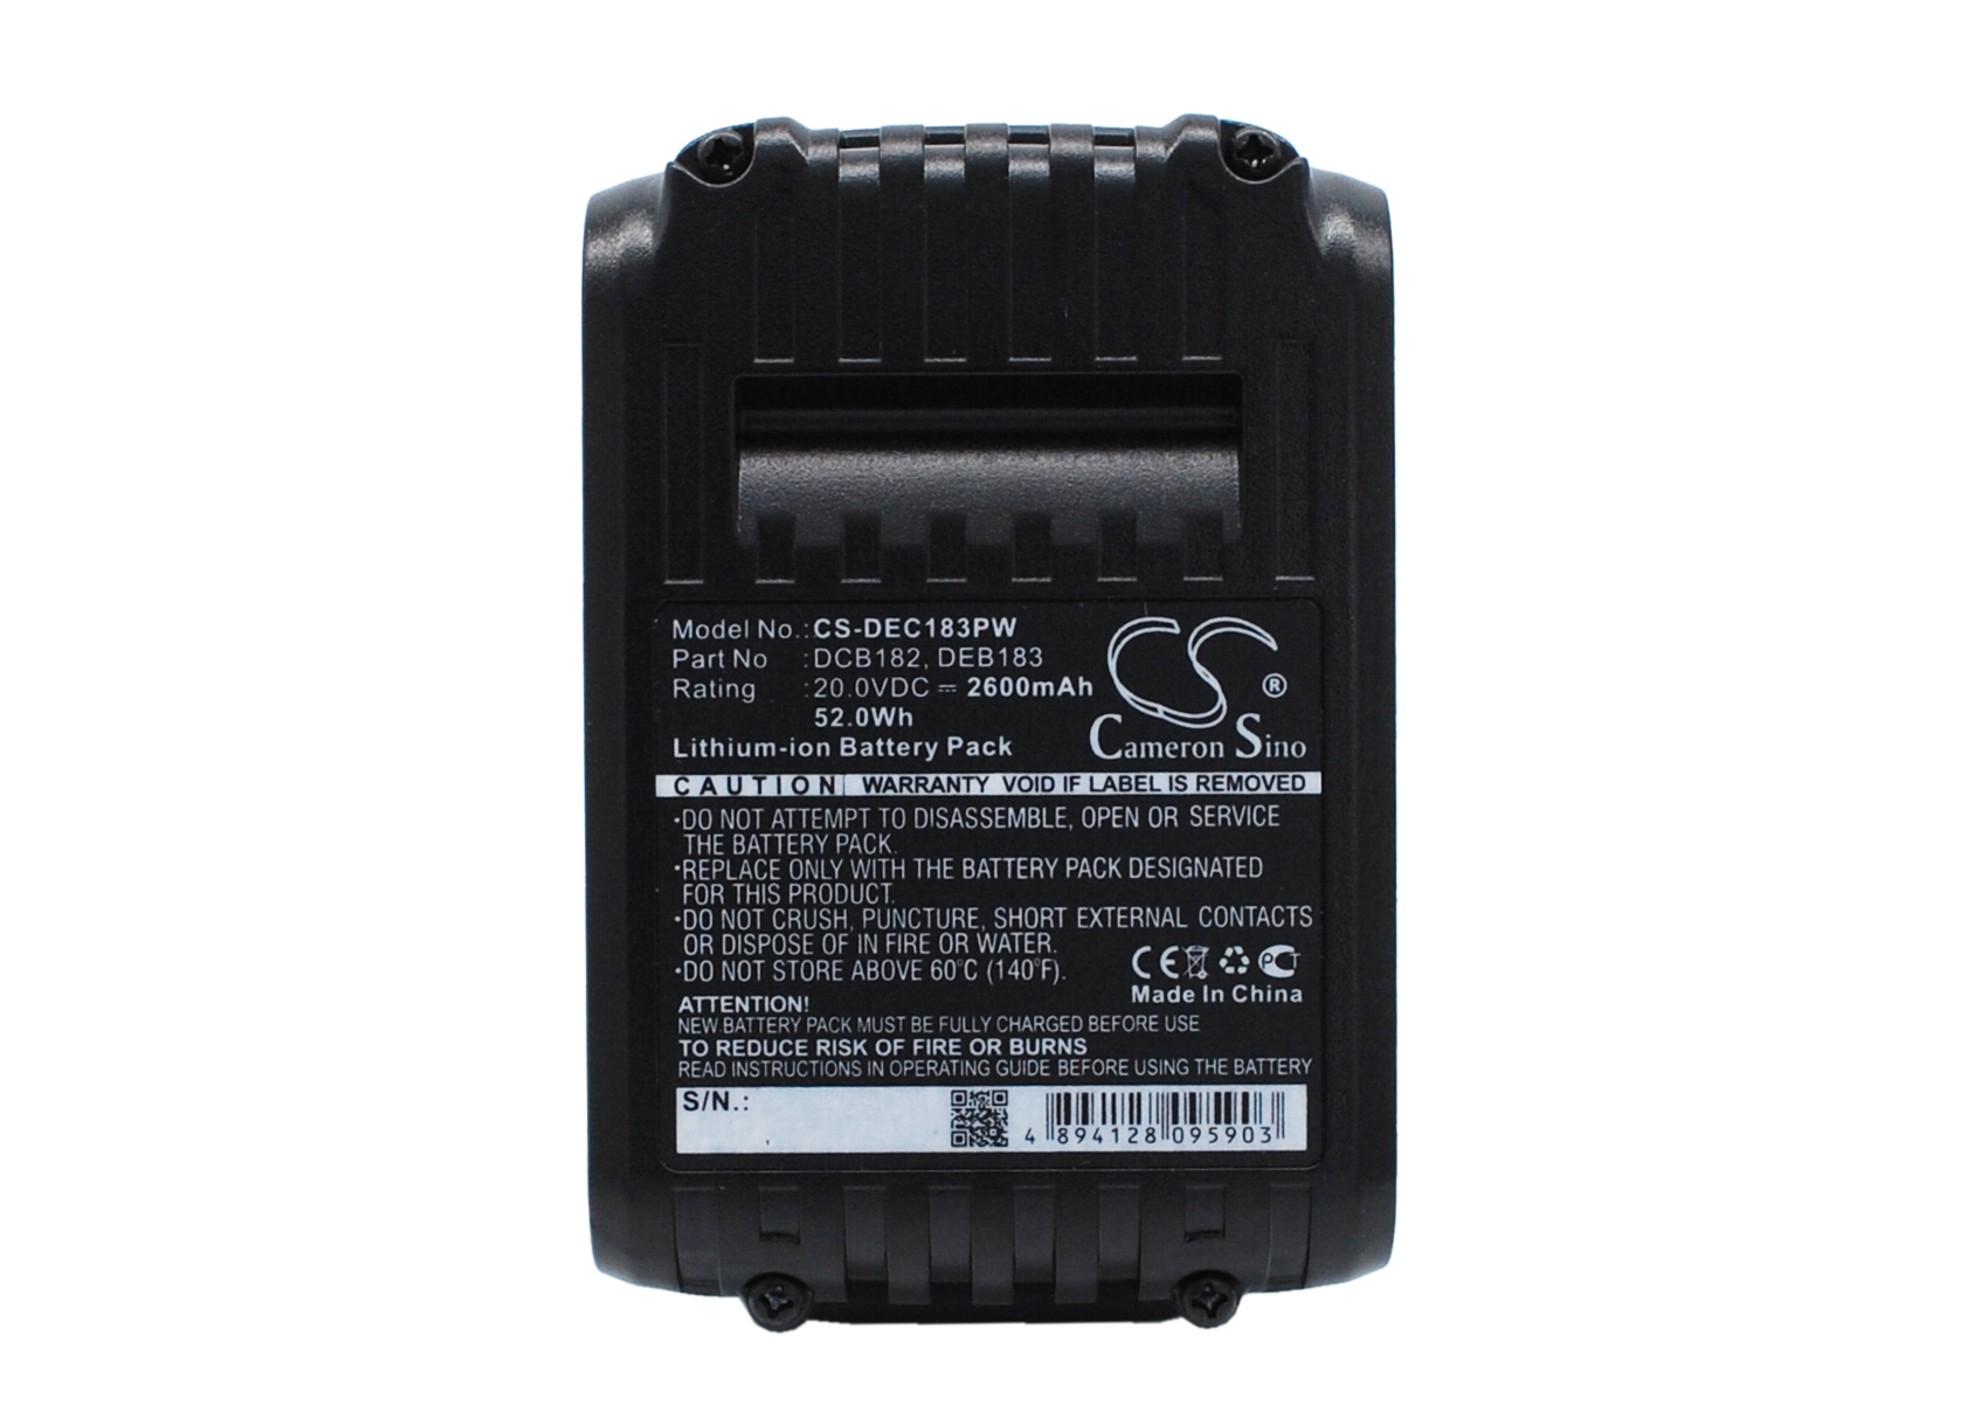 Cameron Sino baterie do nářadí pro DEWALT DCD780C2 20V Li-ion 2600mAh černá - neoriginální